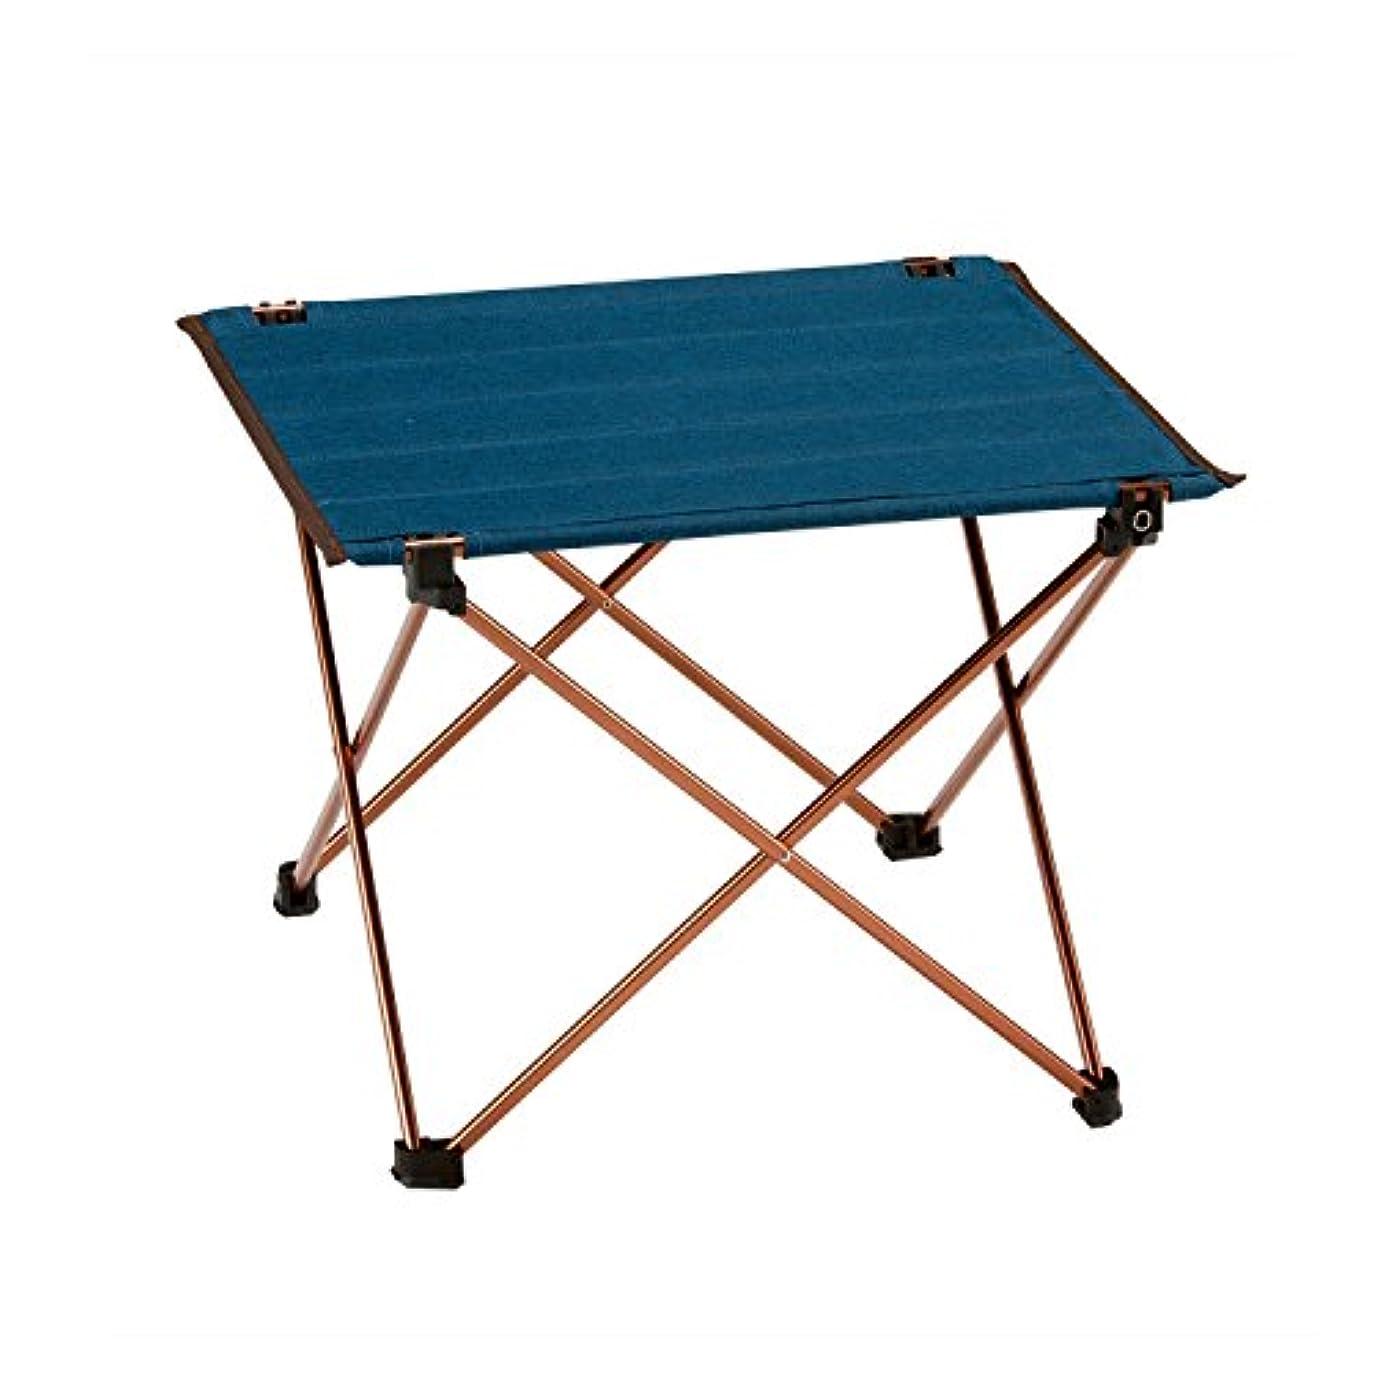 ひどく生きる焦がすBUNDOK(バンドック) ハンディー テーブル <S/M> 軽量 コンパクト キャンプ アウトドア用